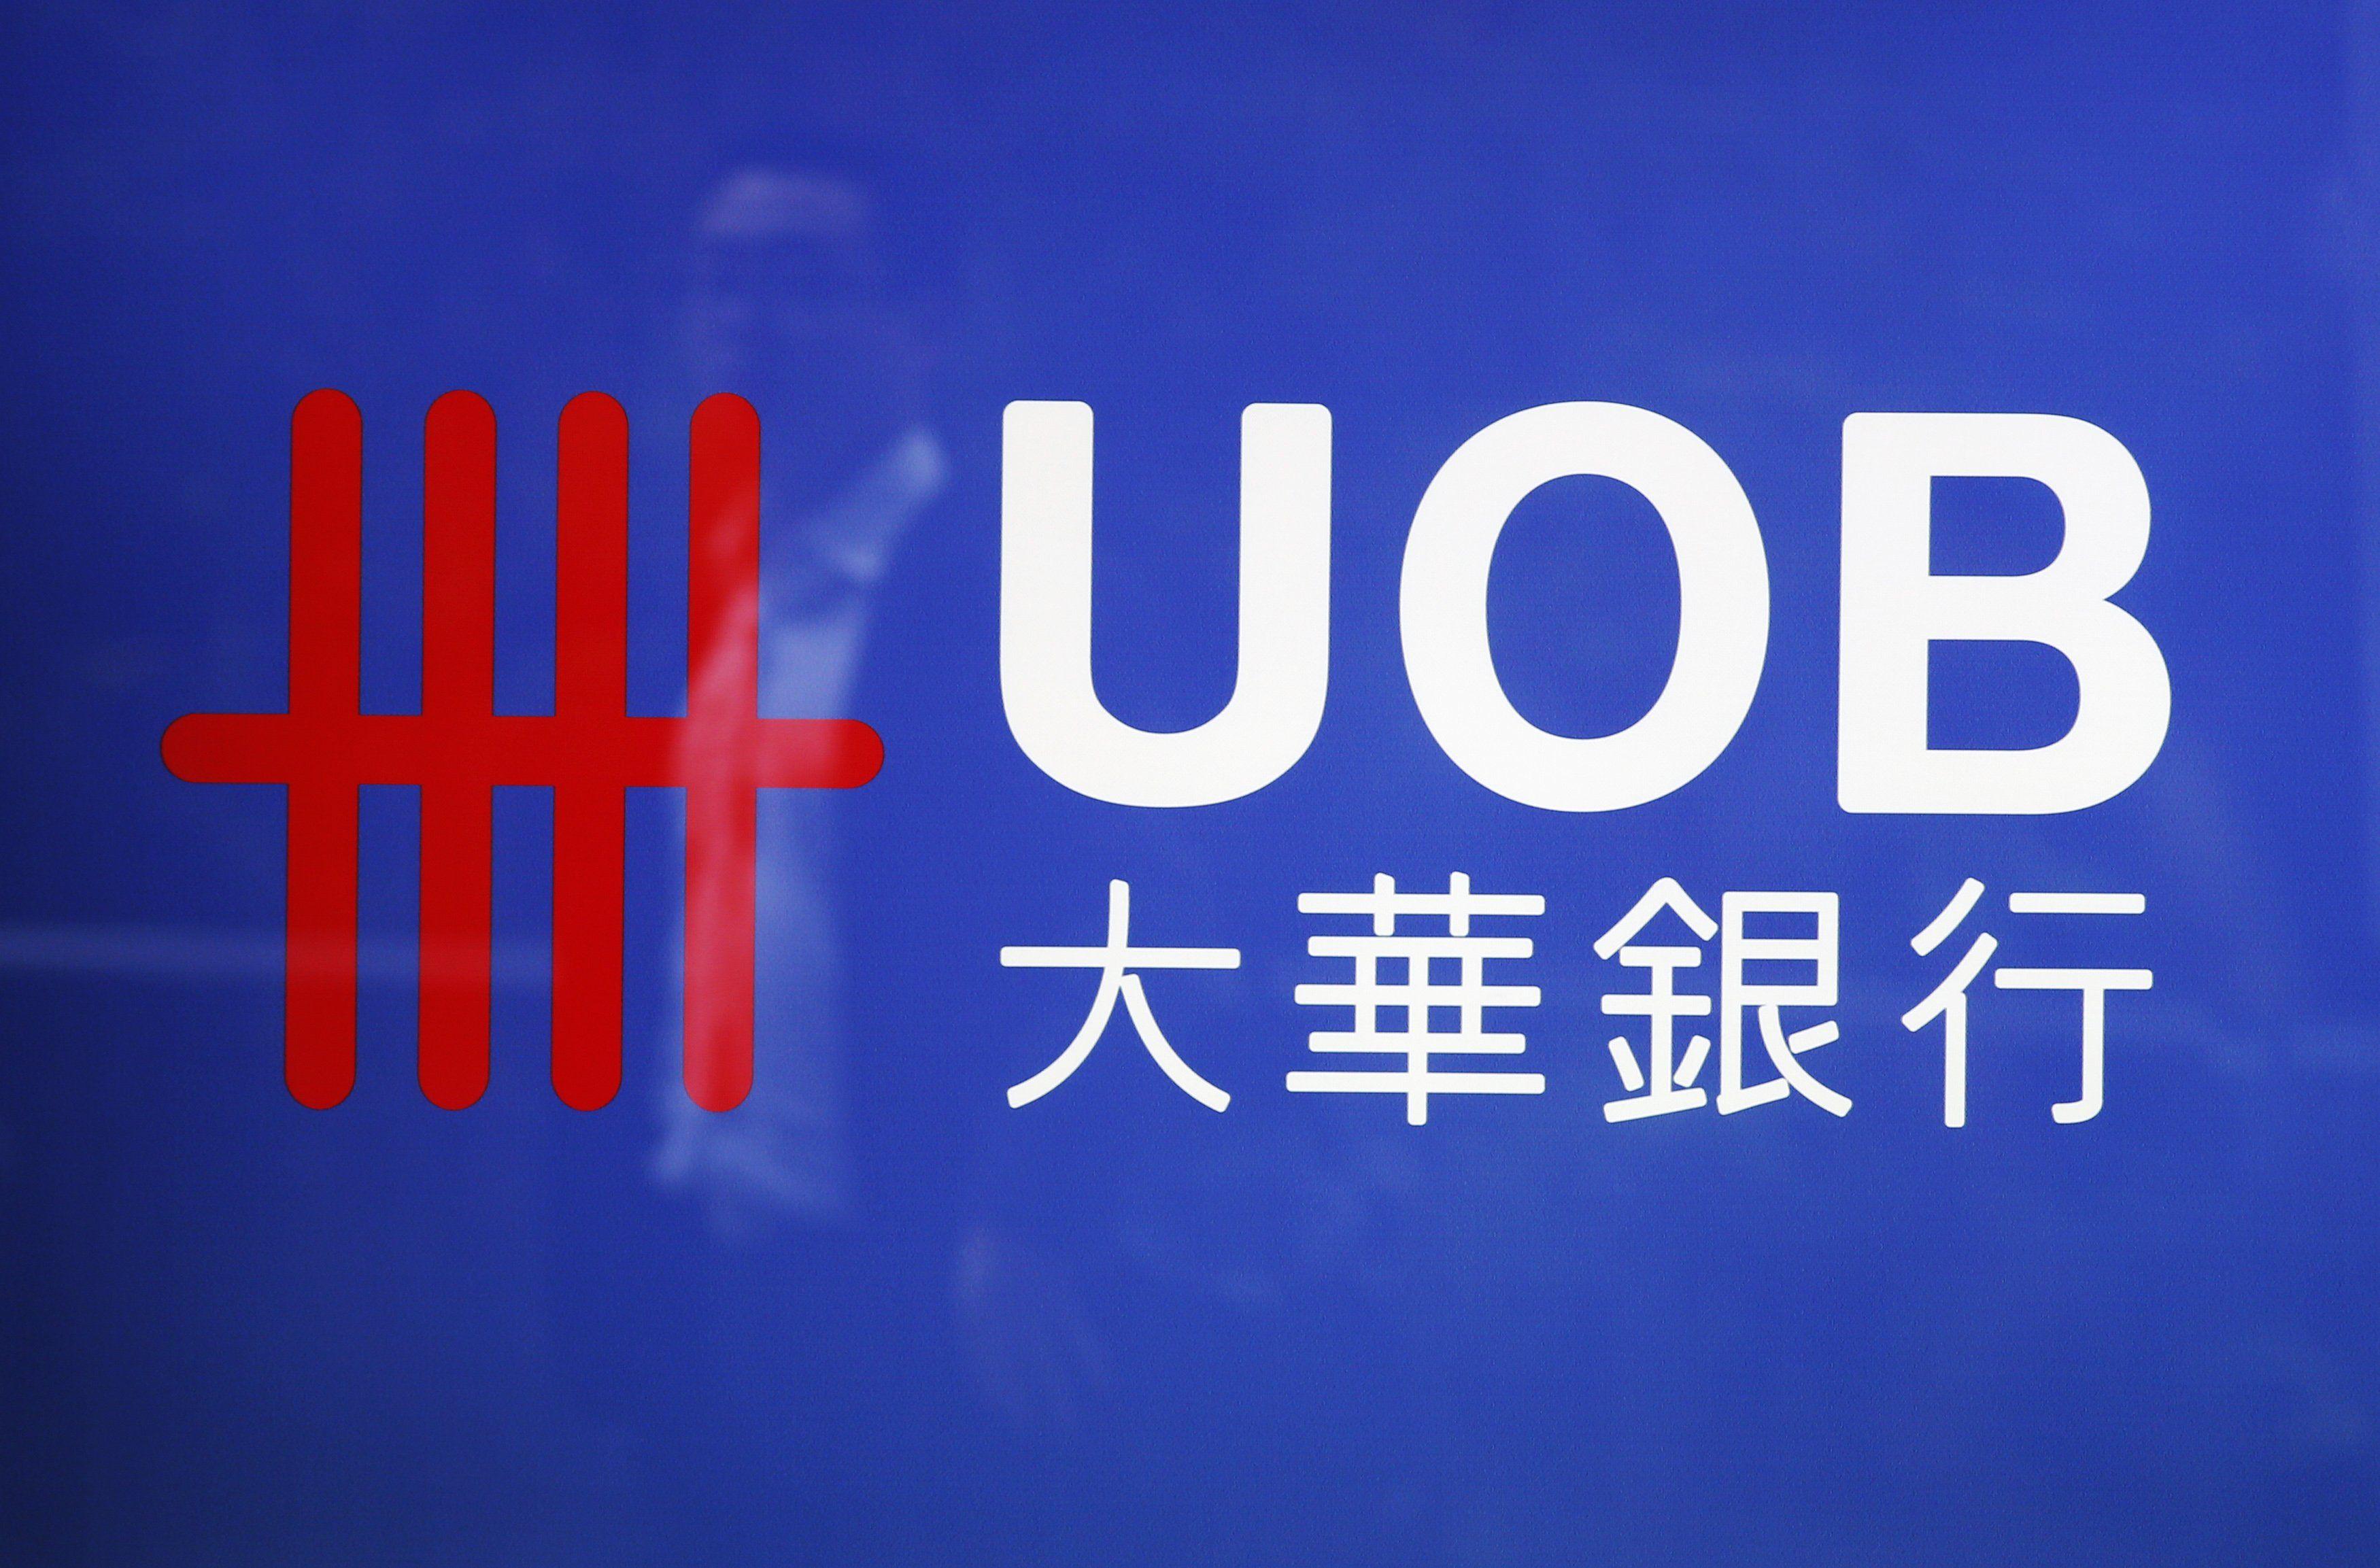 بنك UOB: توقعات بانحصار اليورو دولار في نطاق عرضي